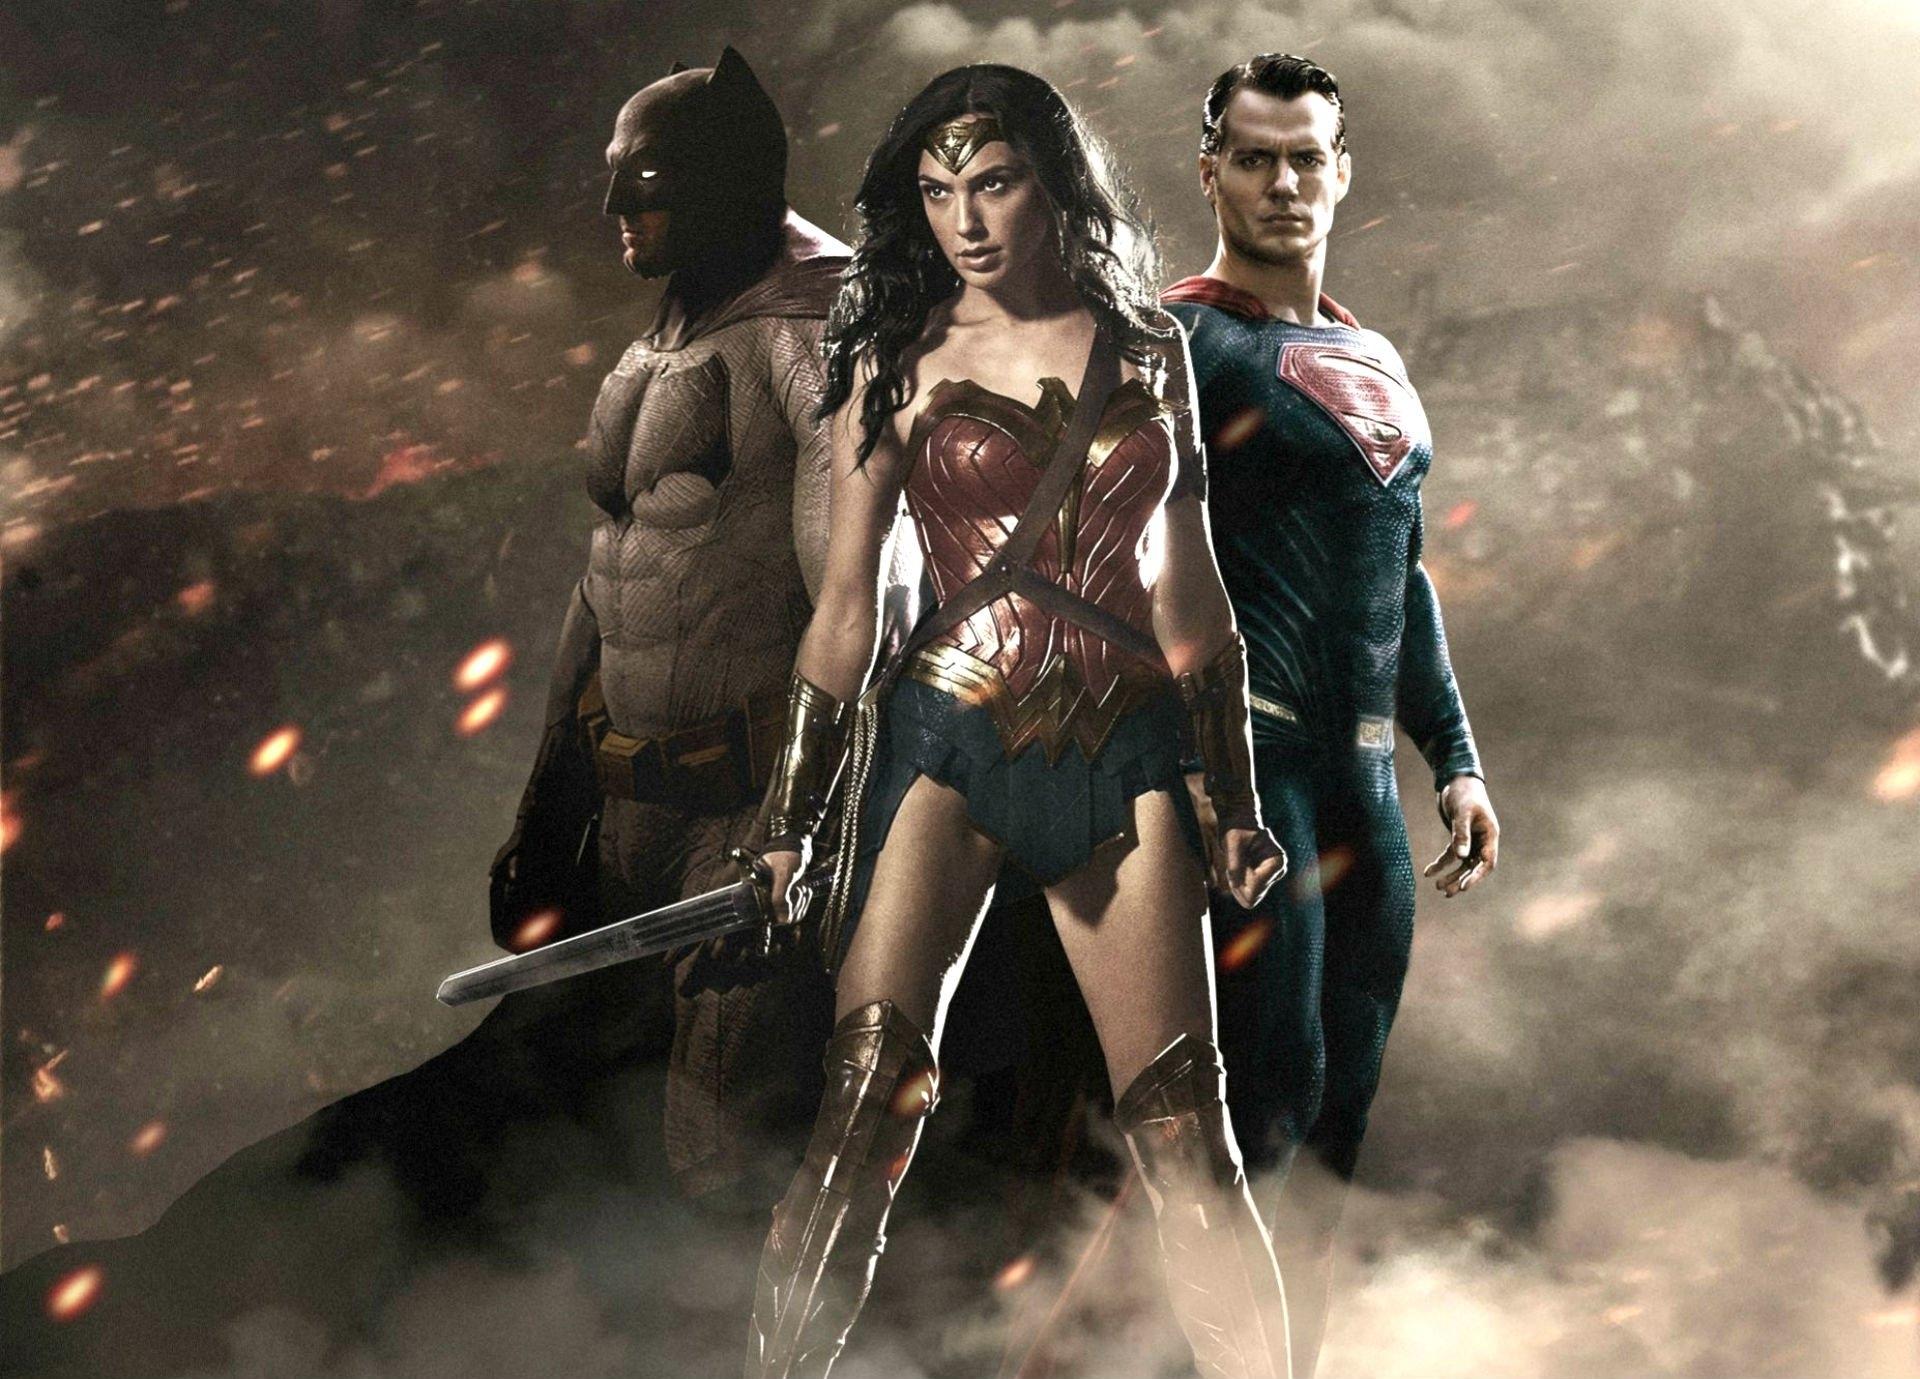 43 batman v superman dawn of justice wallpapers, hd creative batman